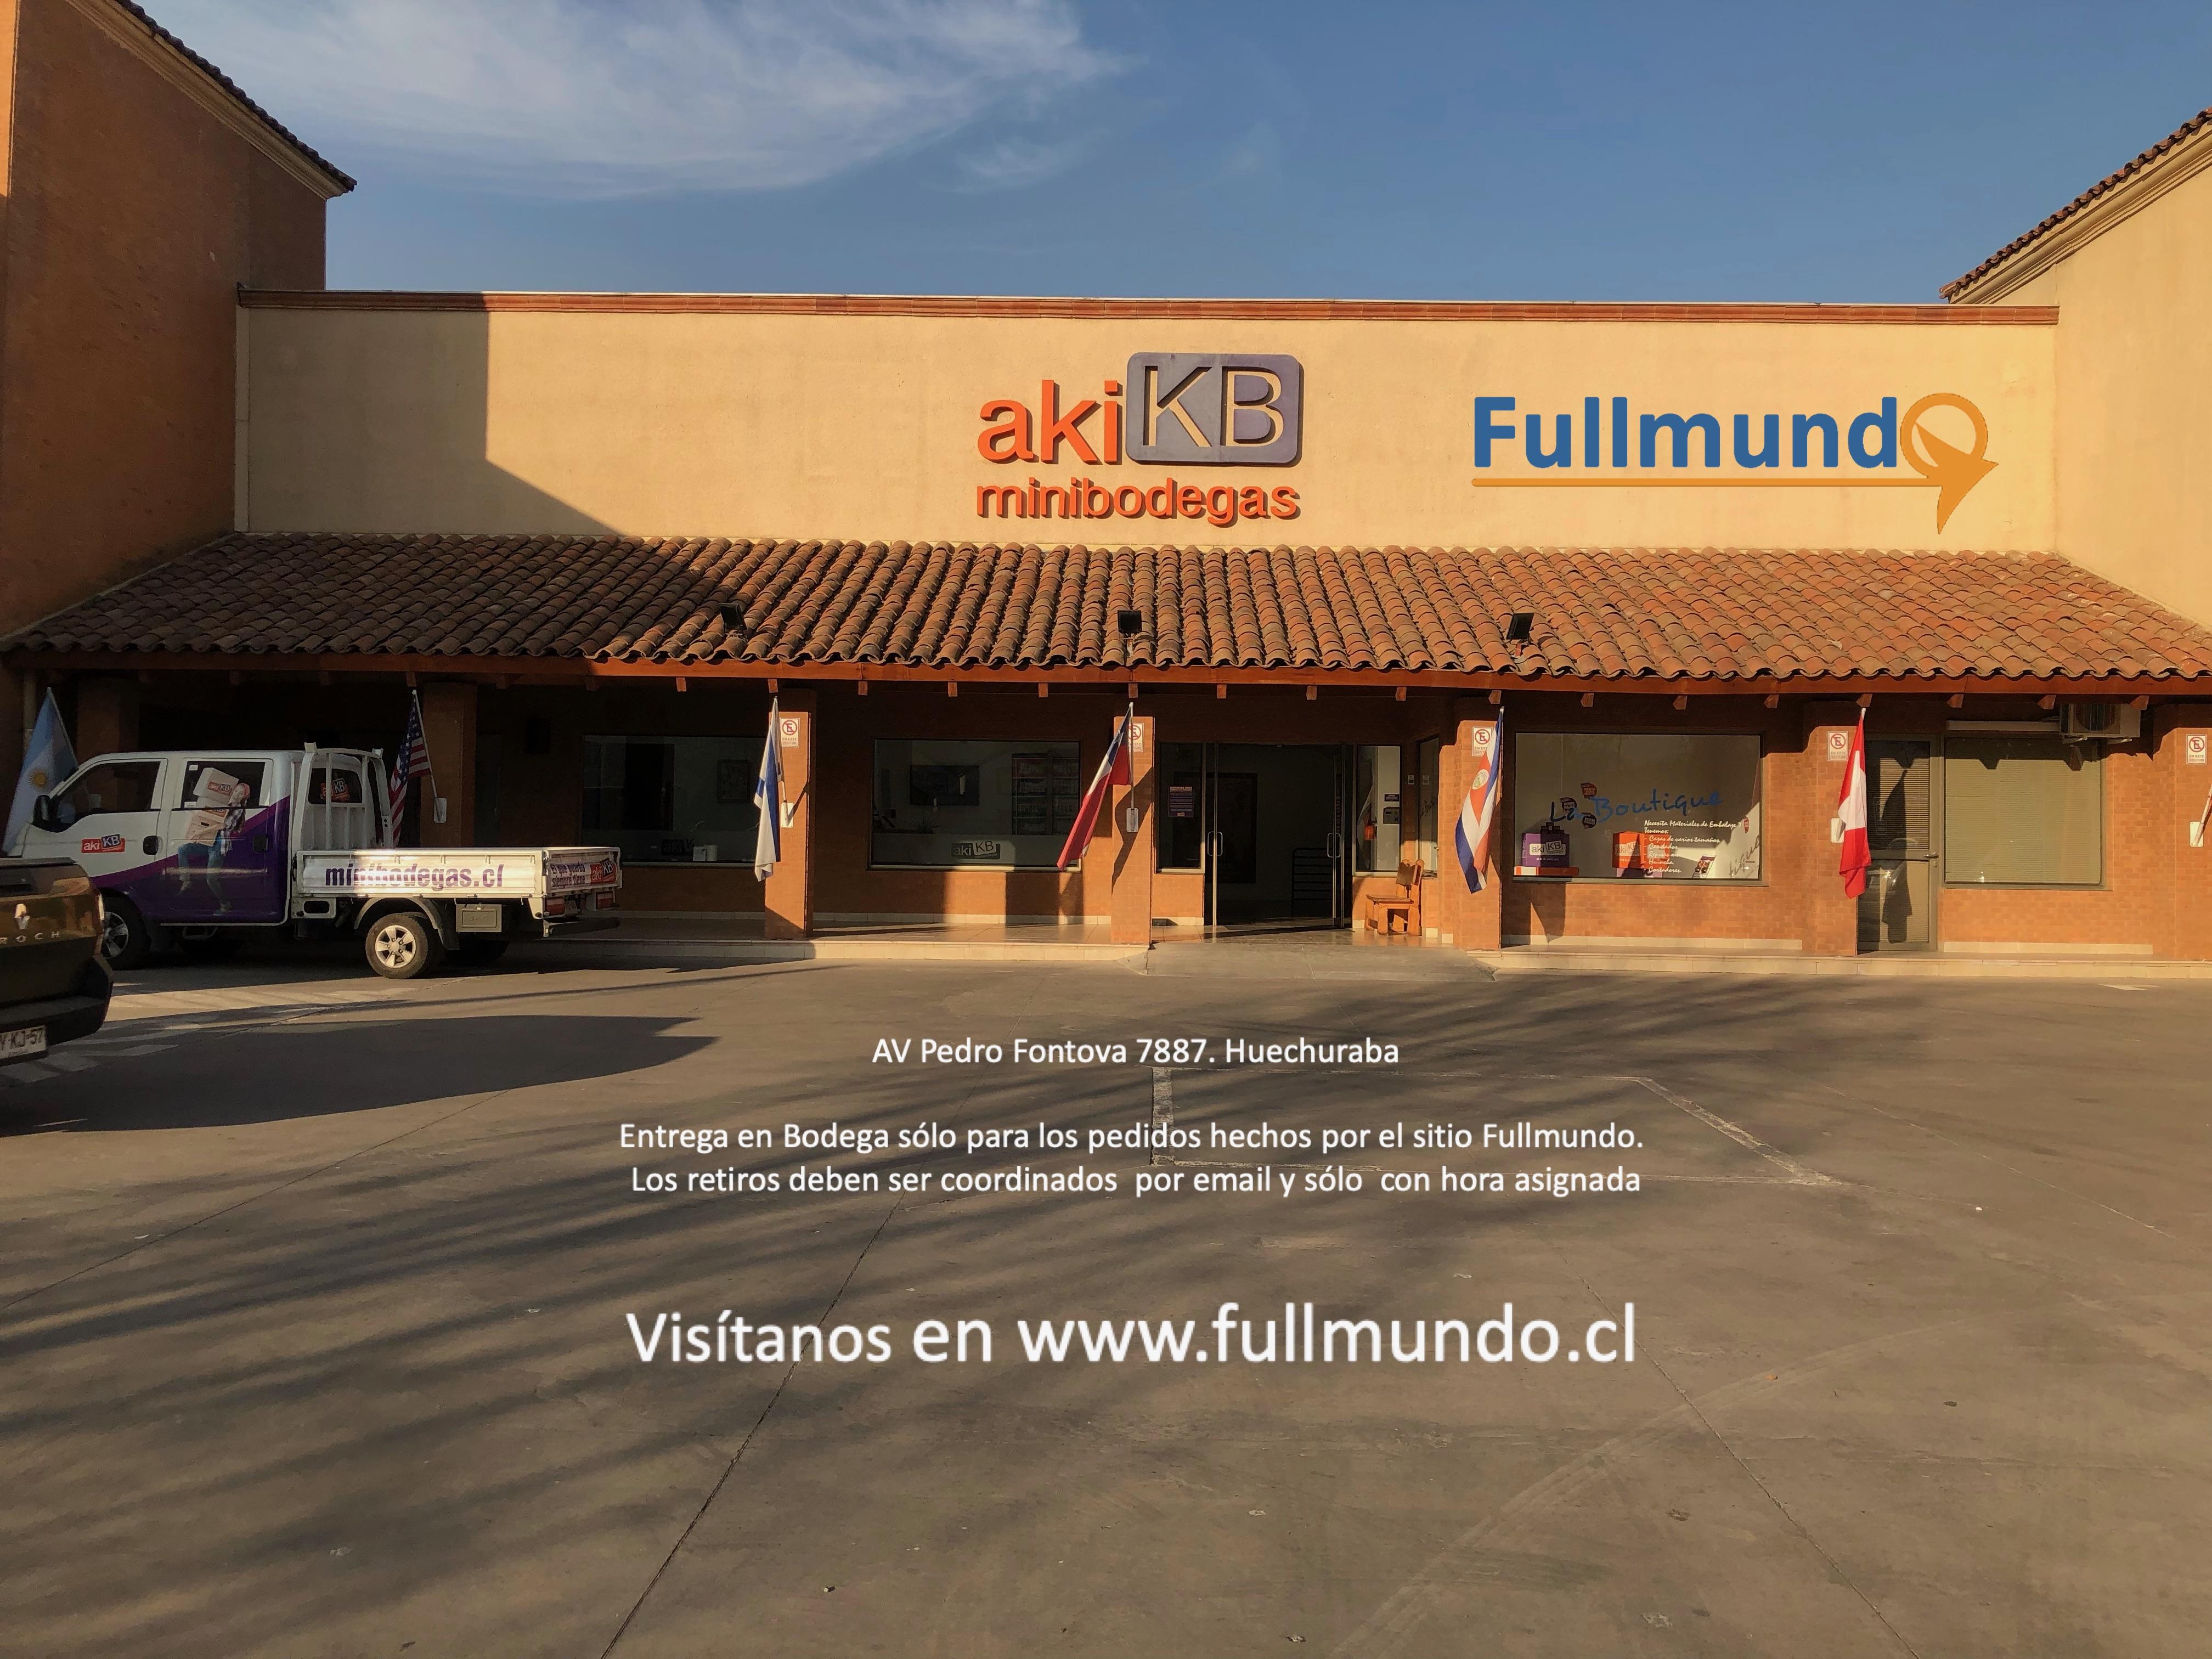 Fullmundo tienda en línea